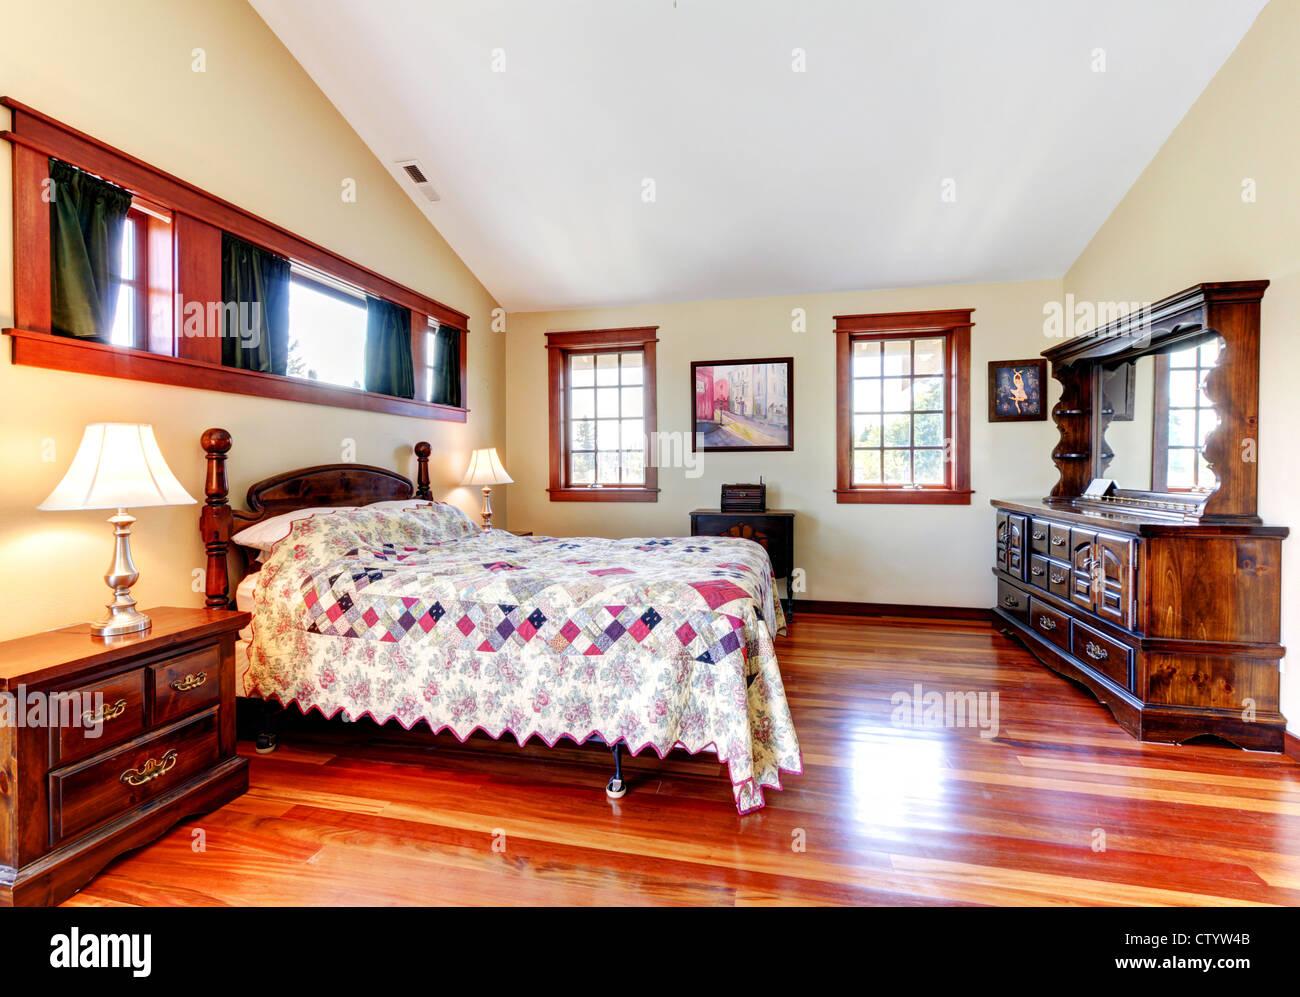 Bella camera da letto interno trapuntato con lenzuola, legno e ...